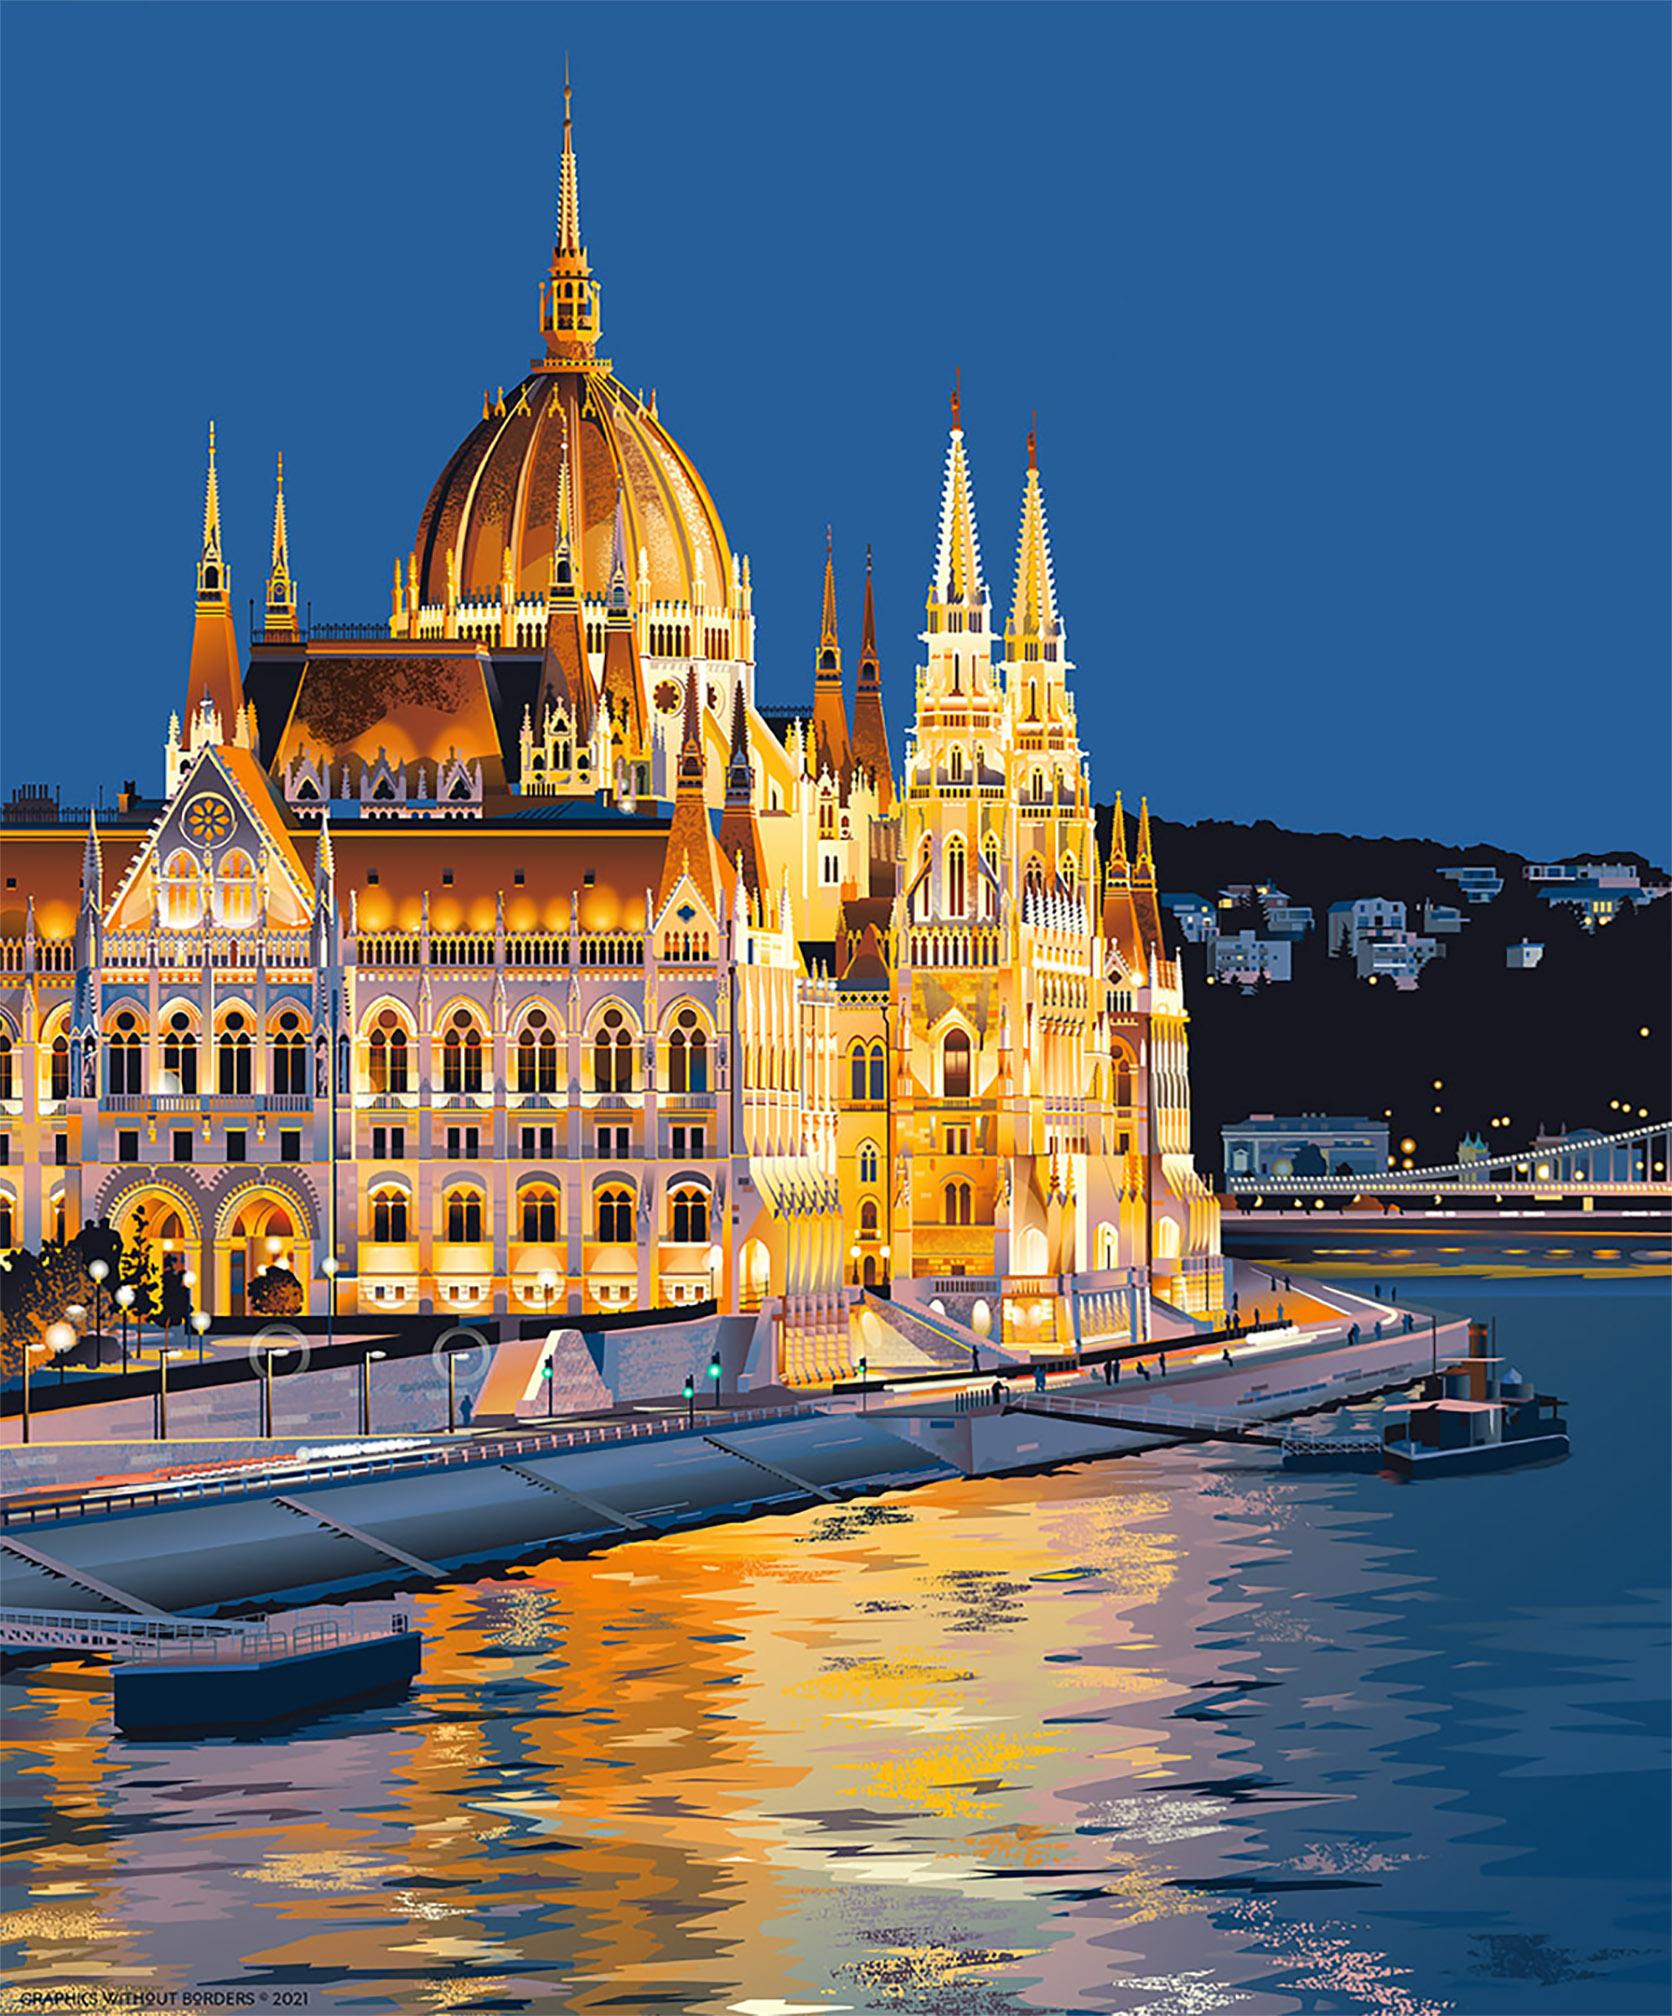 Detail of Matt Hood's Budapest: Queen of the Danube travel poster